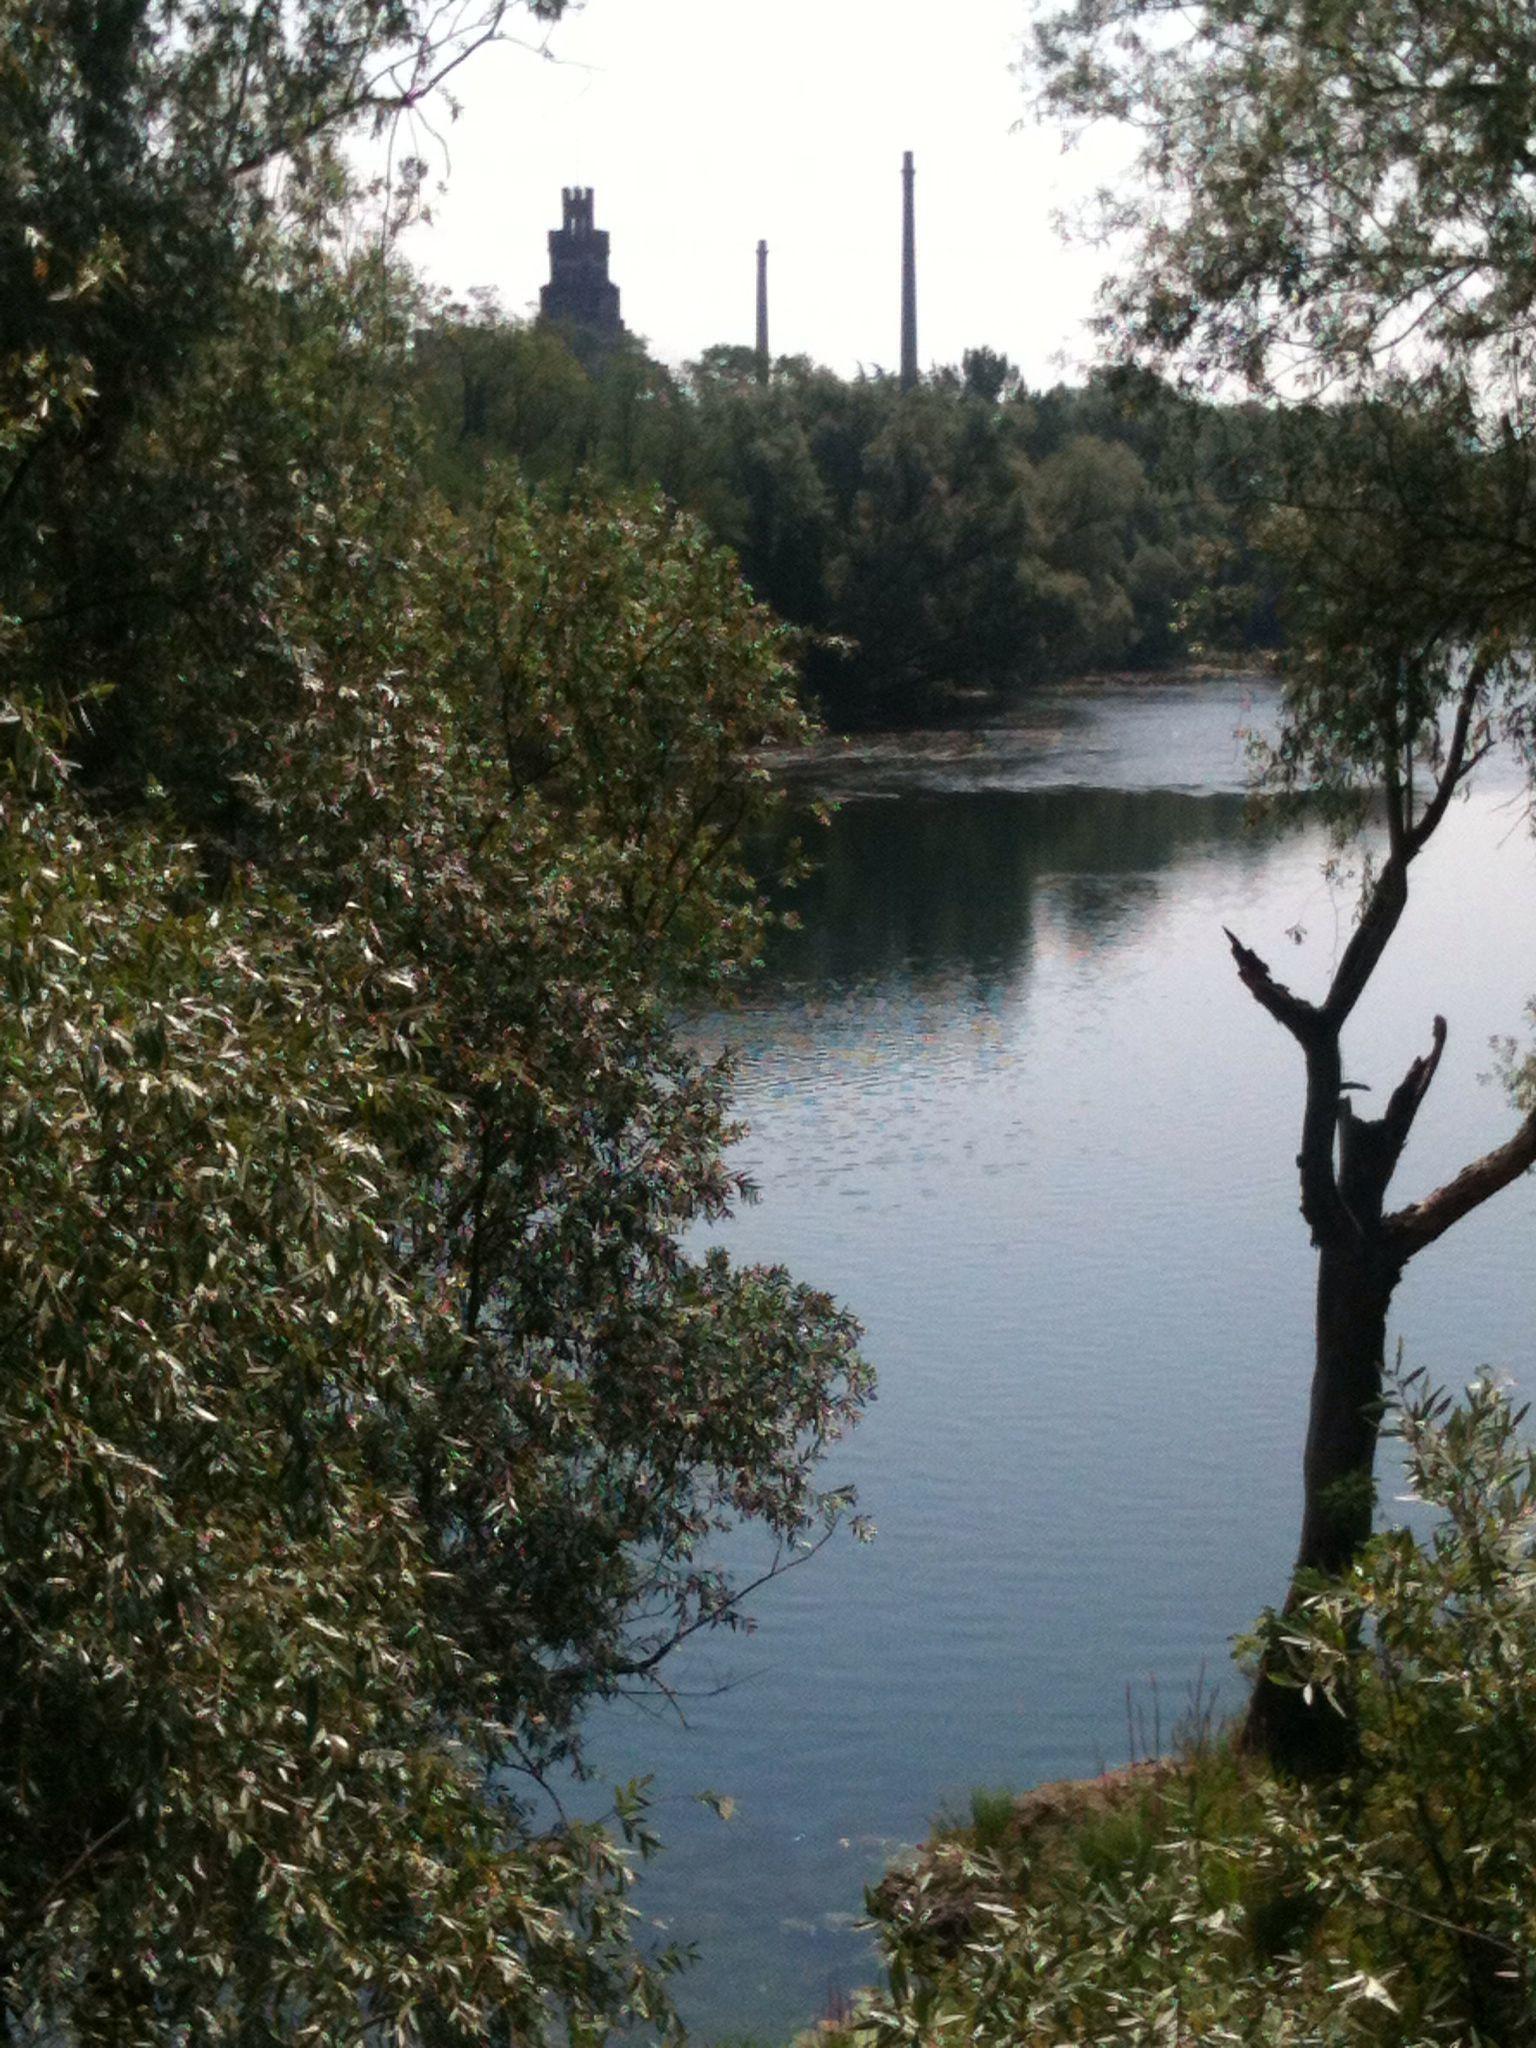 Lungo il fiume Adda